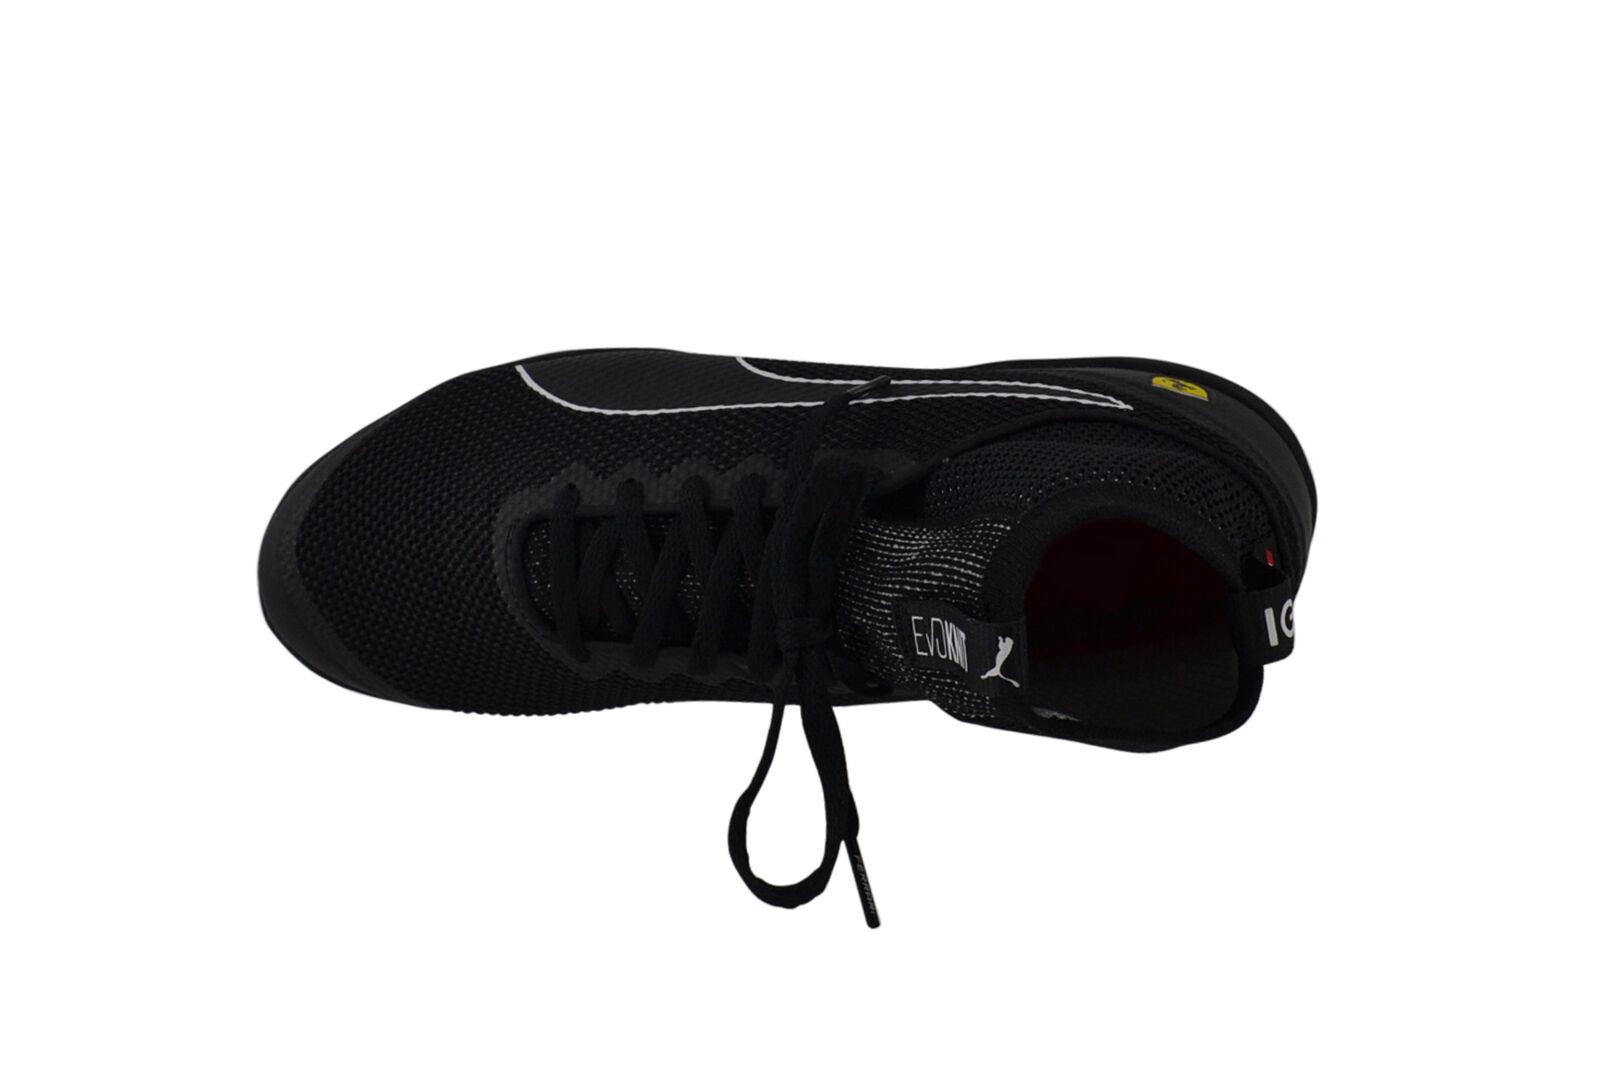 Puma Sf changer Ignite evoknit Black Ferrari Chaussures Sneaker Black evoknit White 305919 02 7358e4